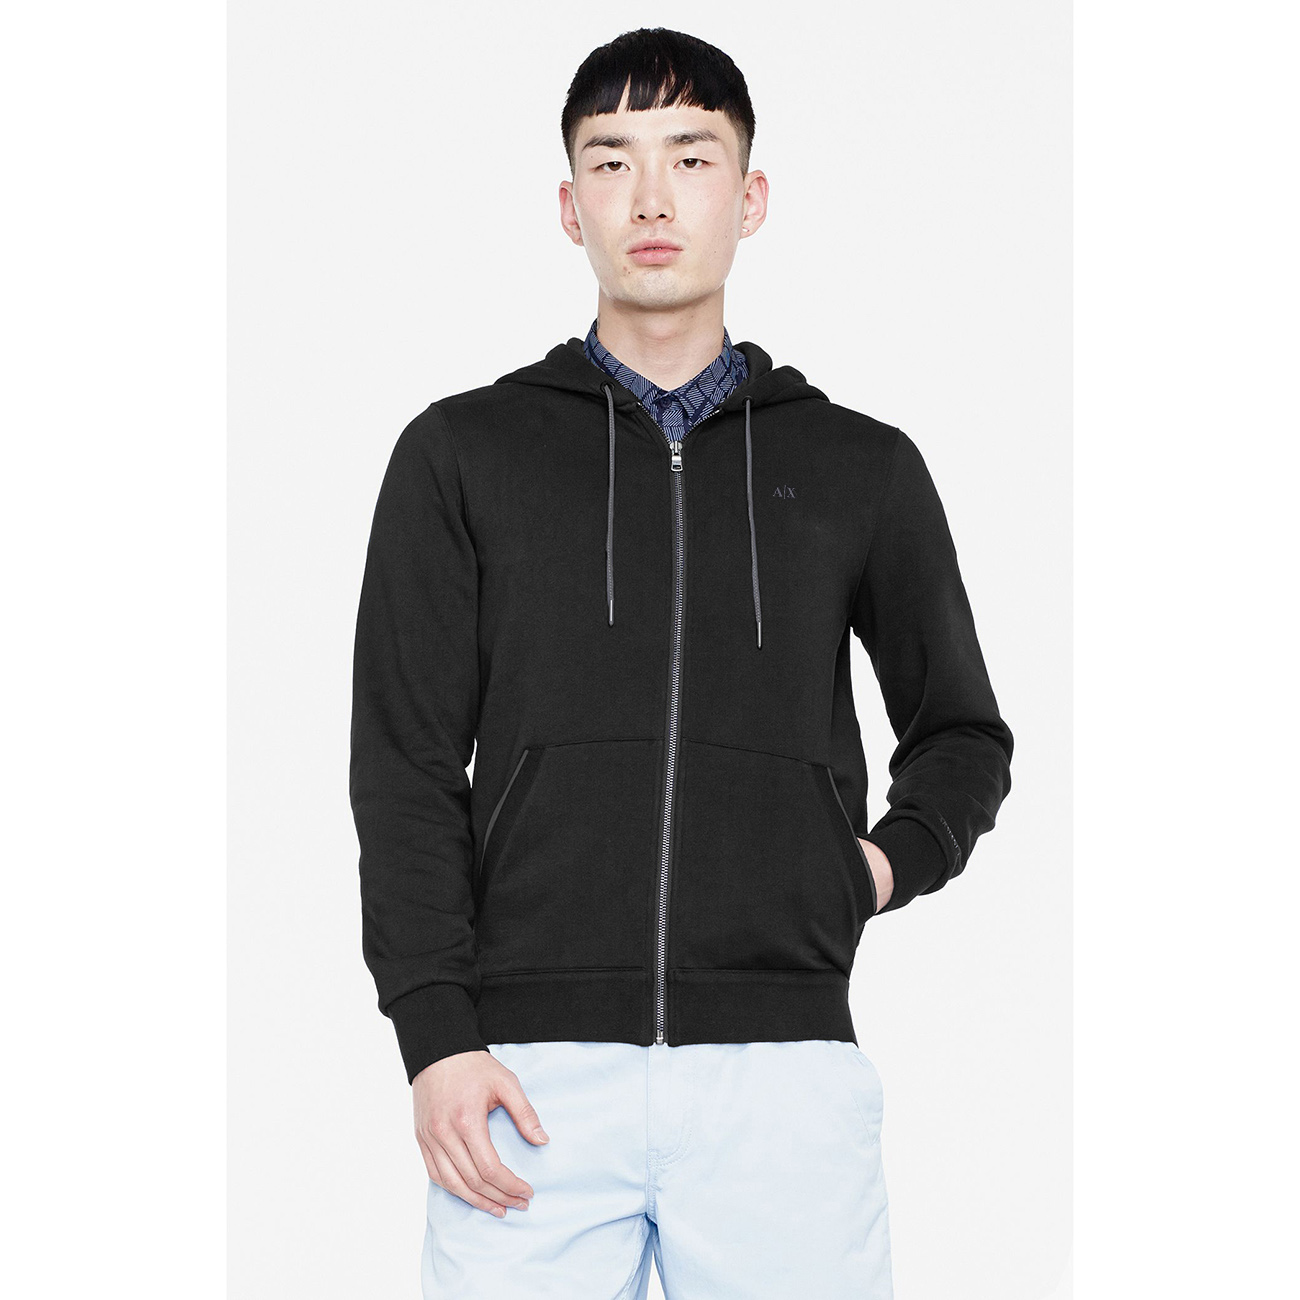 美國百分百【Armani Exchange】外套 AX 連帽 棉質 夾克 亞曼尼 黑色 上衣 男 S號 F879